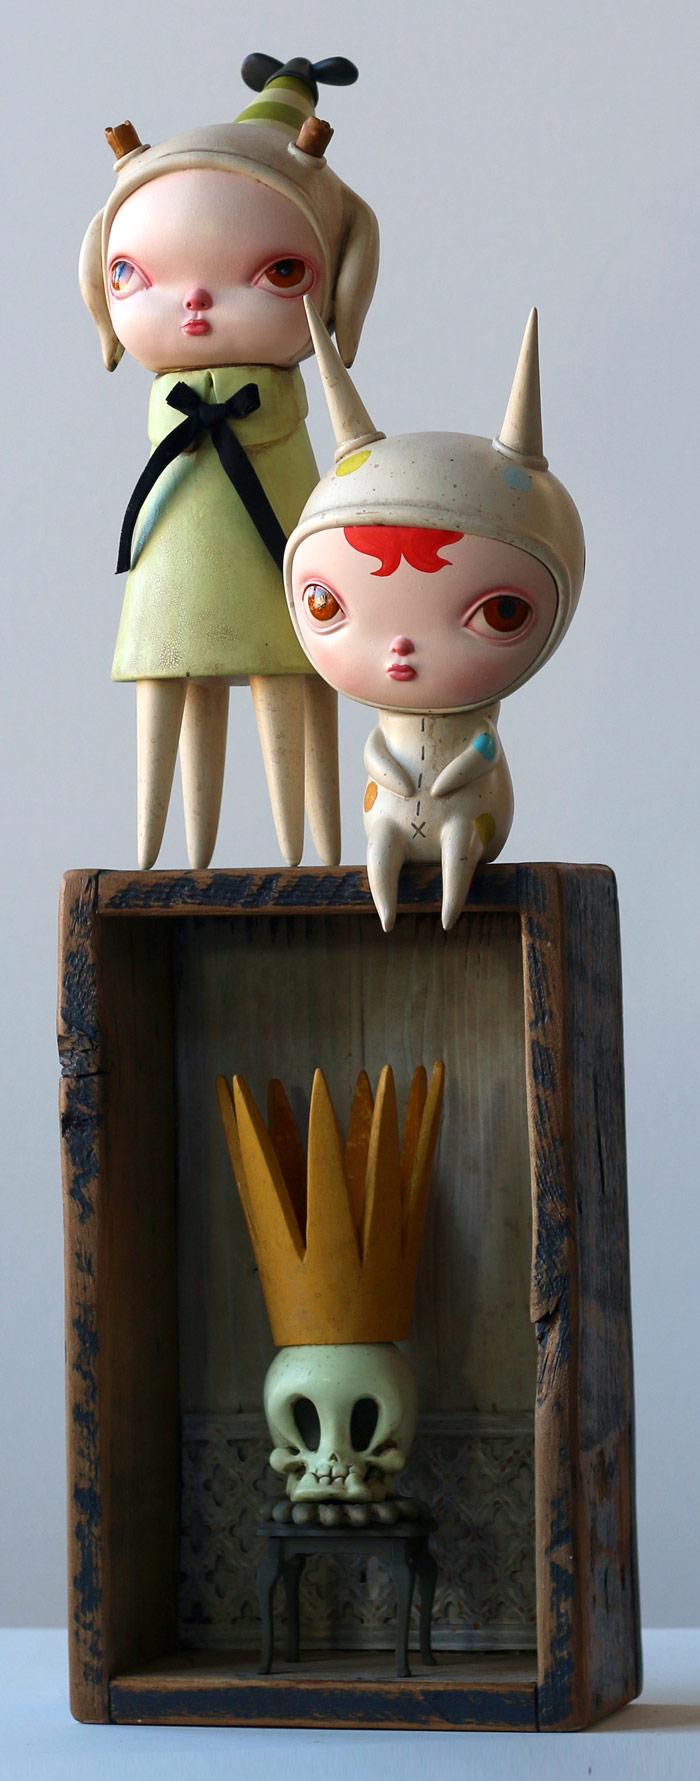 Seance-kathie-olivas-afa-gallery-nyc-soho-new-york.jpg